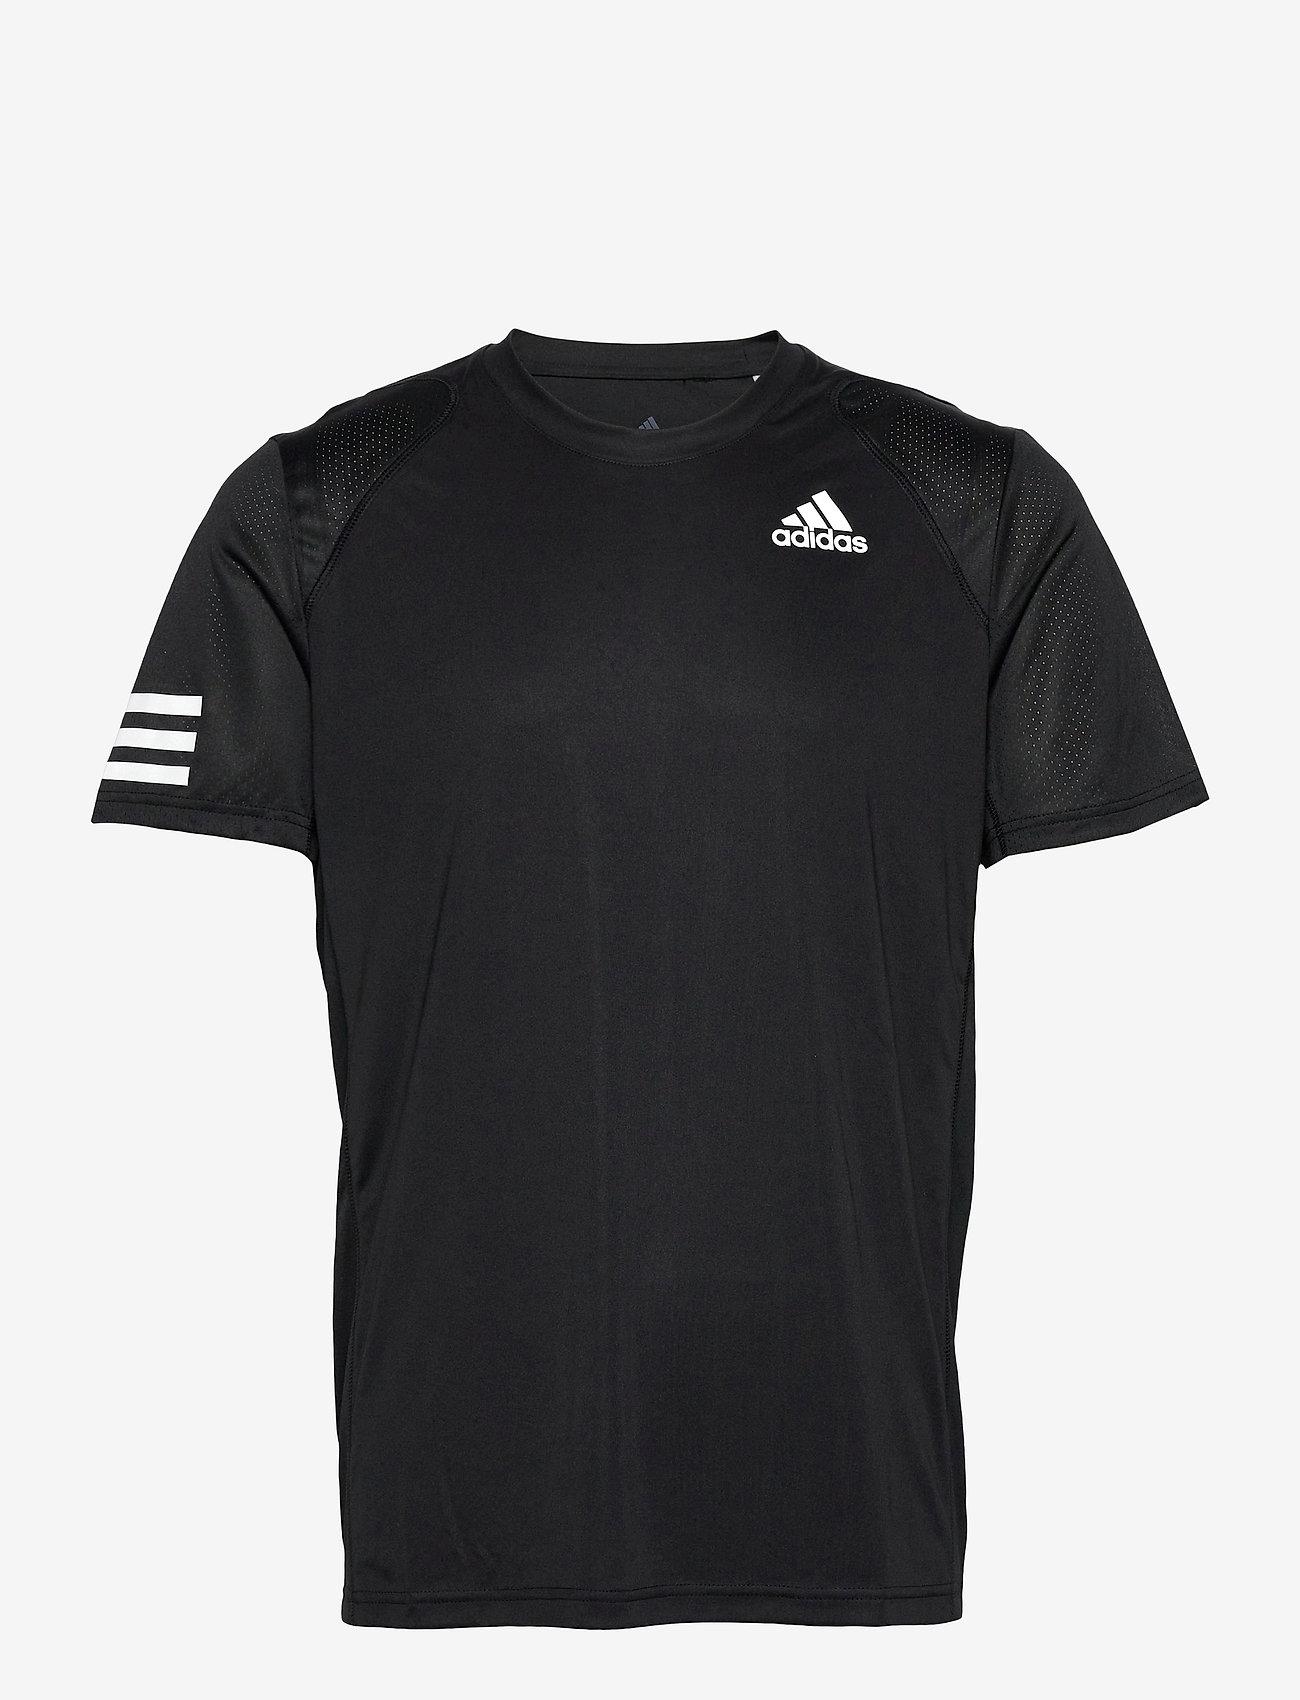 adidas Performance - CLUB 3-STRIPE T-SHIRT - t-shirts - black - 1